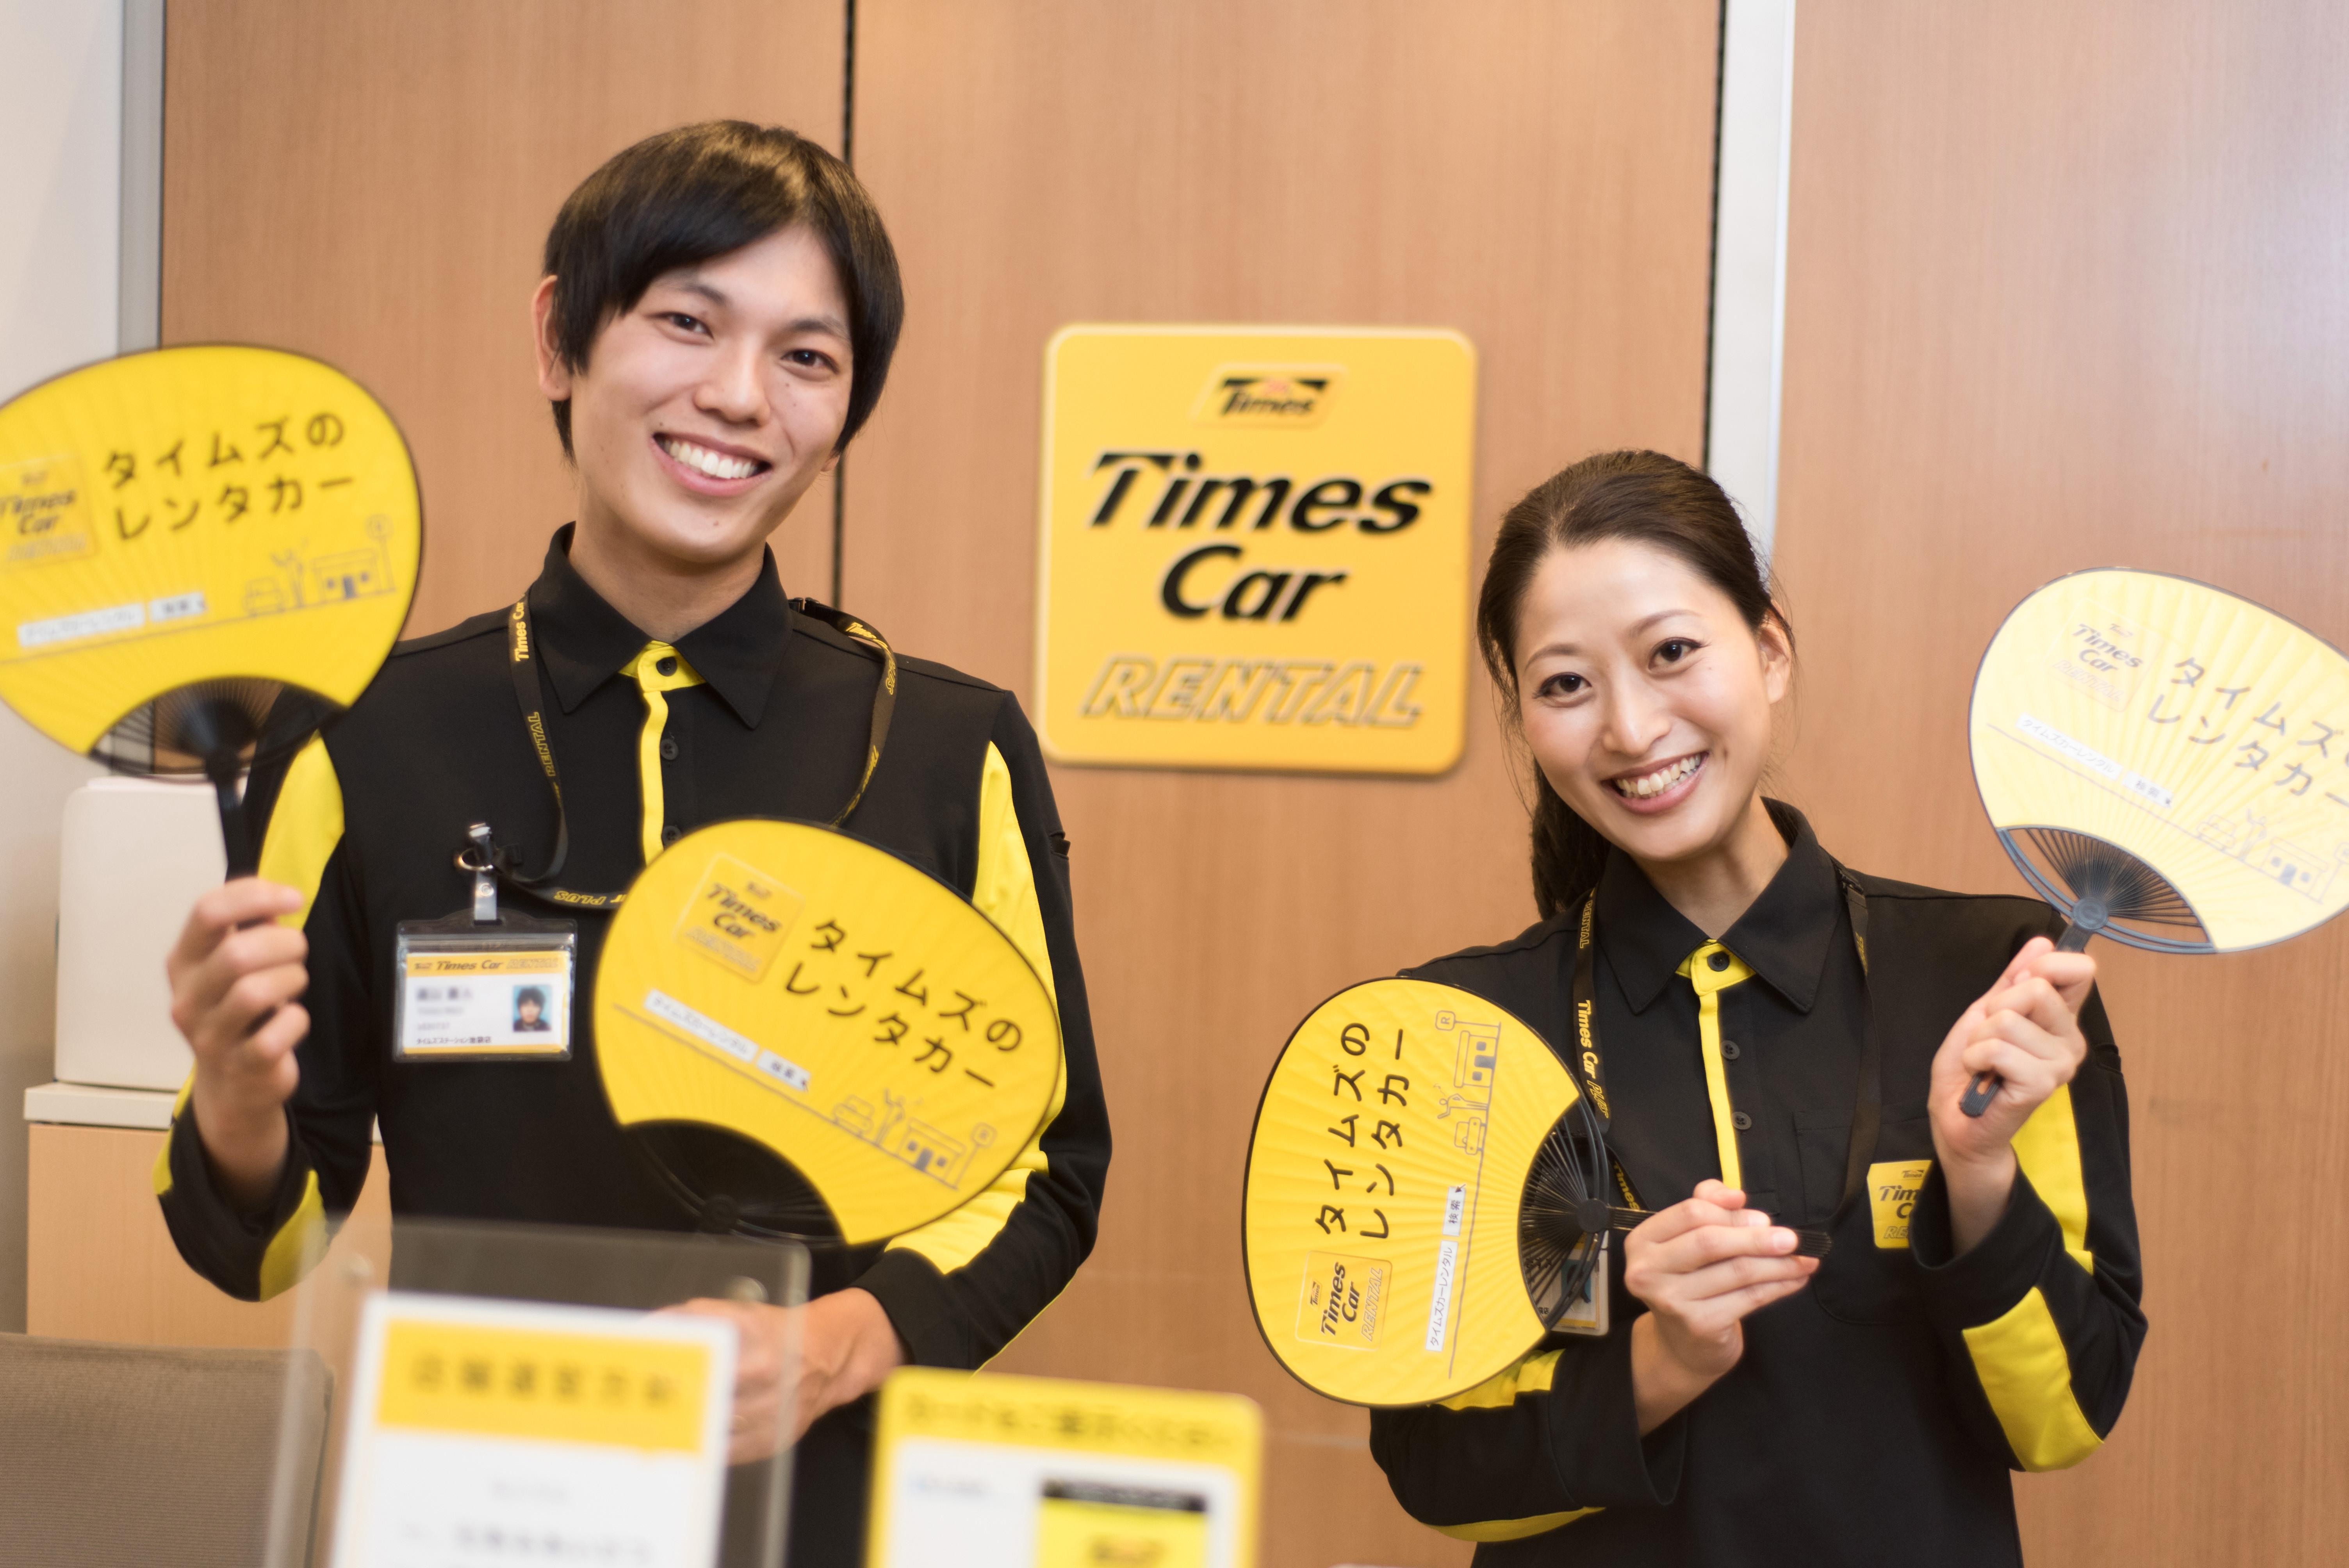 タイムズカーレンタル 広島新幹線口店 のアルバイト情報